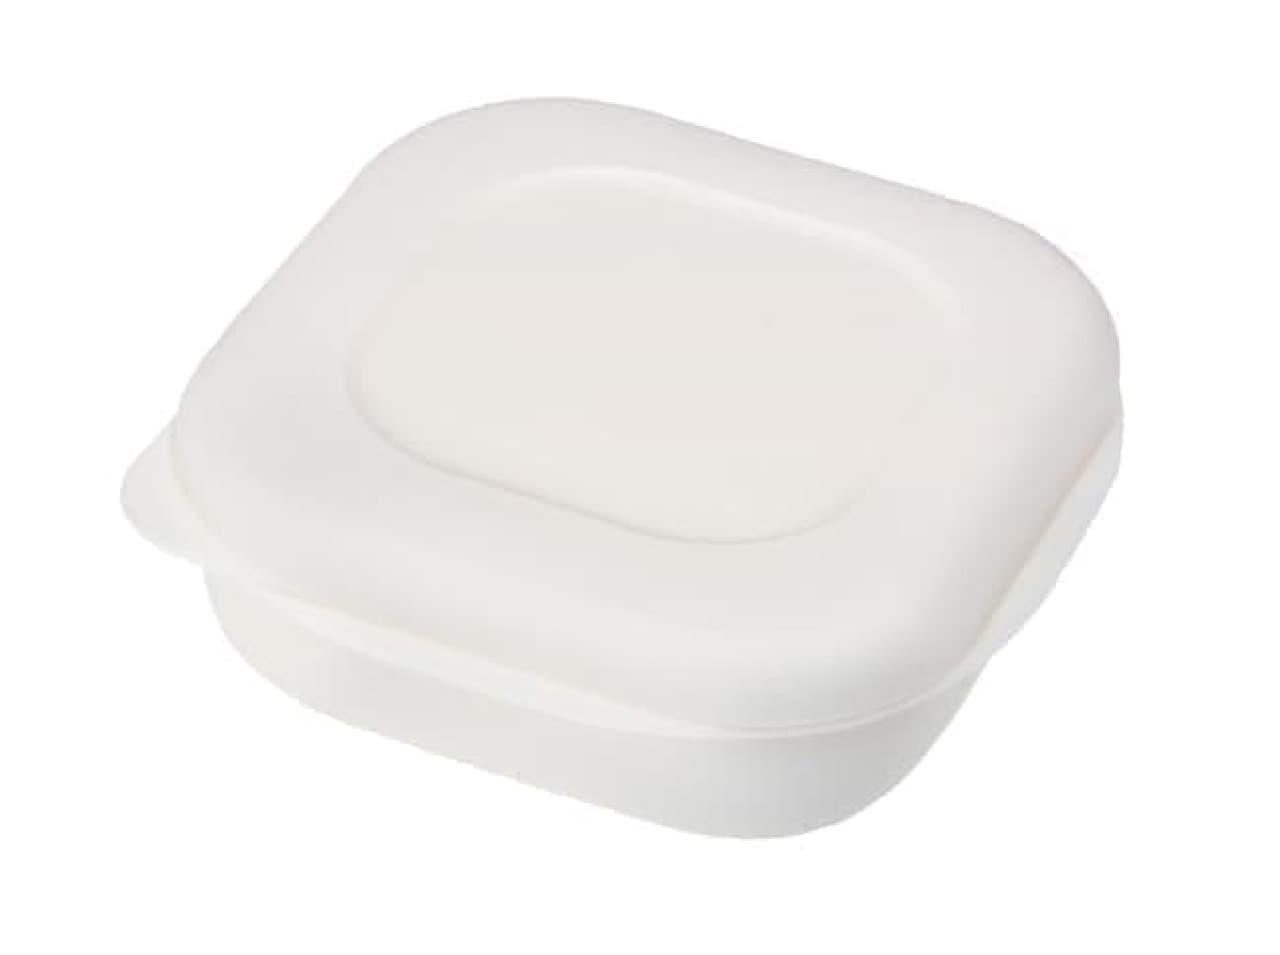 レンジでおいしく温められる「極 冷凍ごはん容器」--すのこでベタツキ防止、弁当箱代わりにも